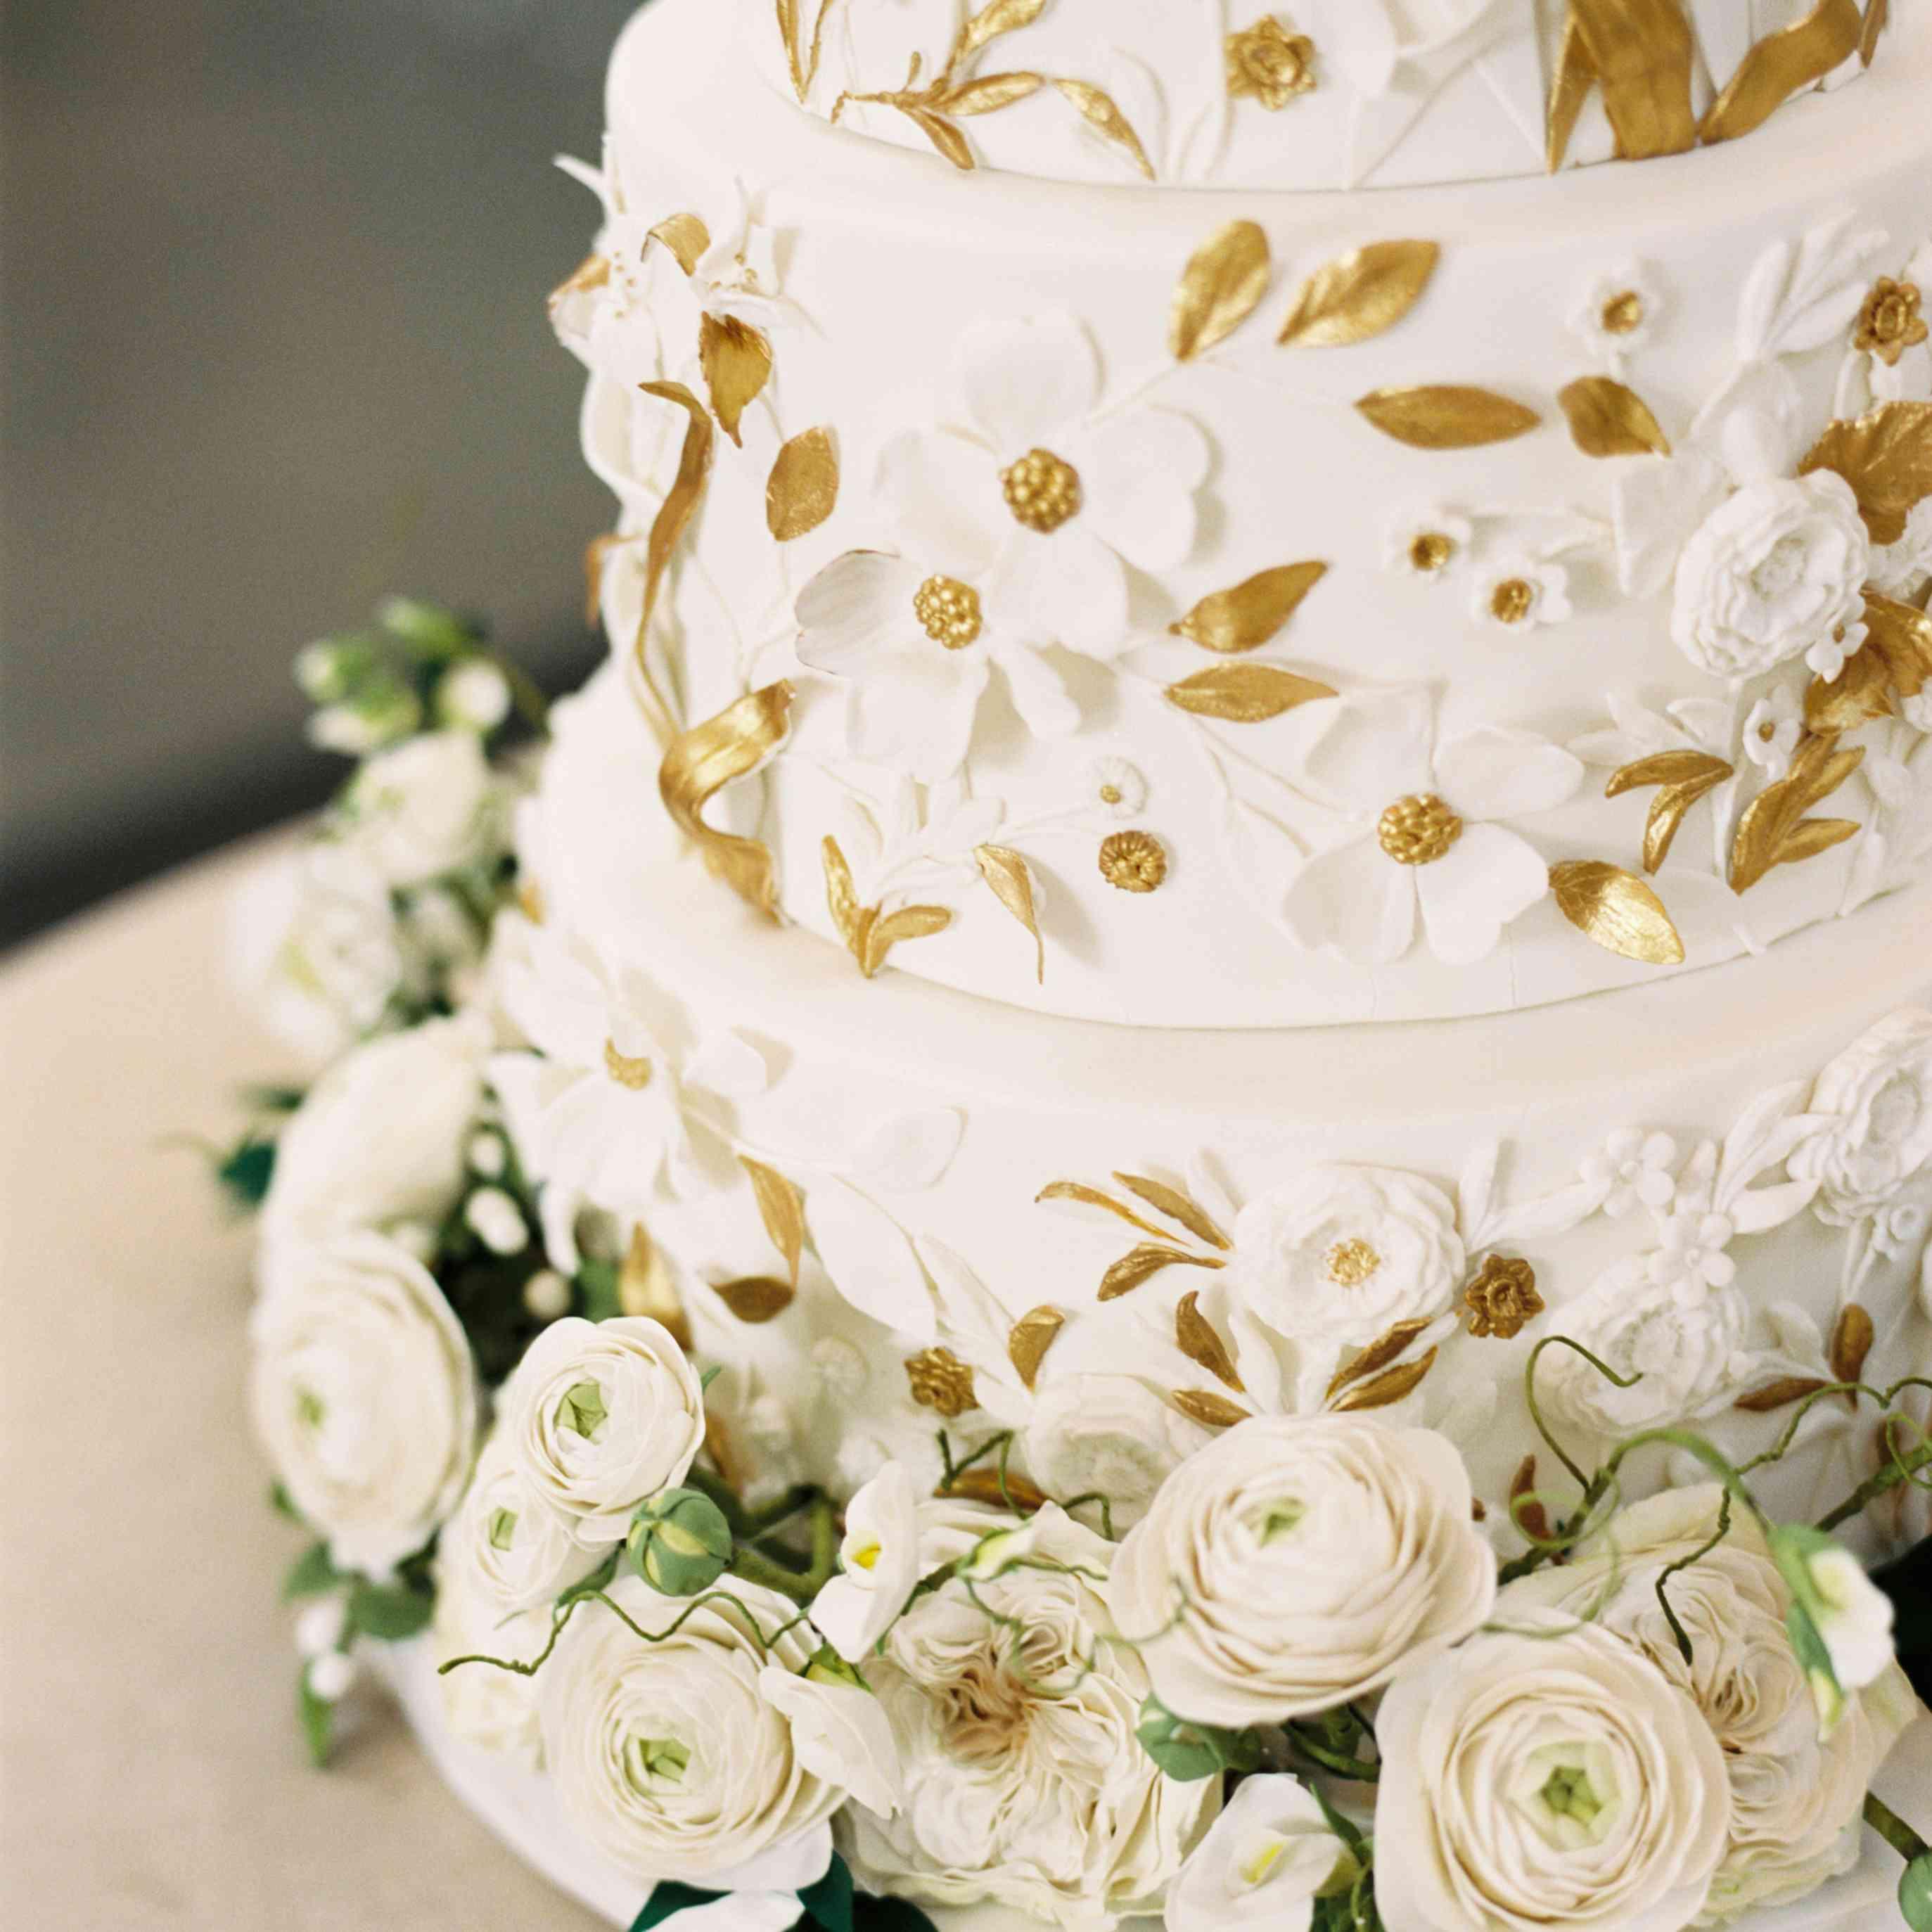 Wedding cake detail